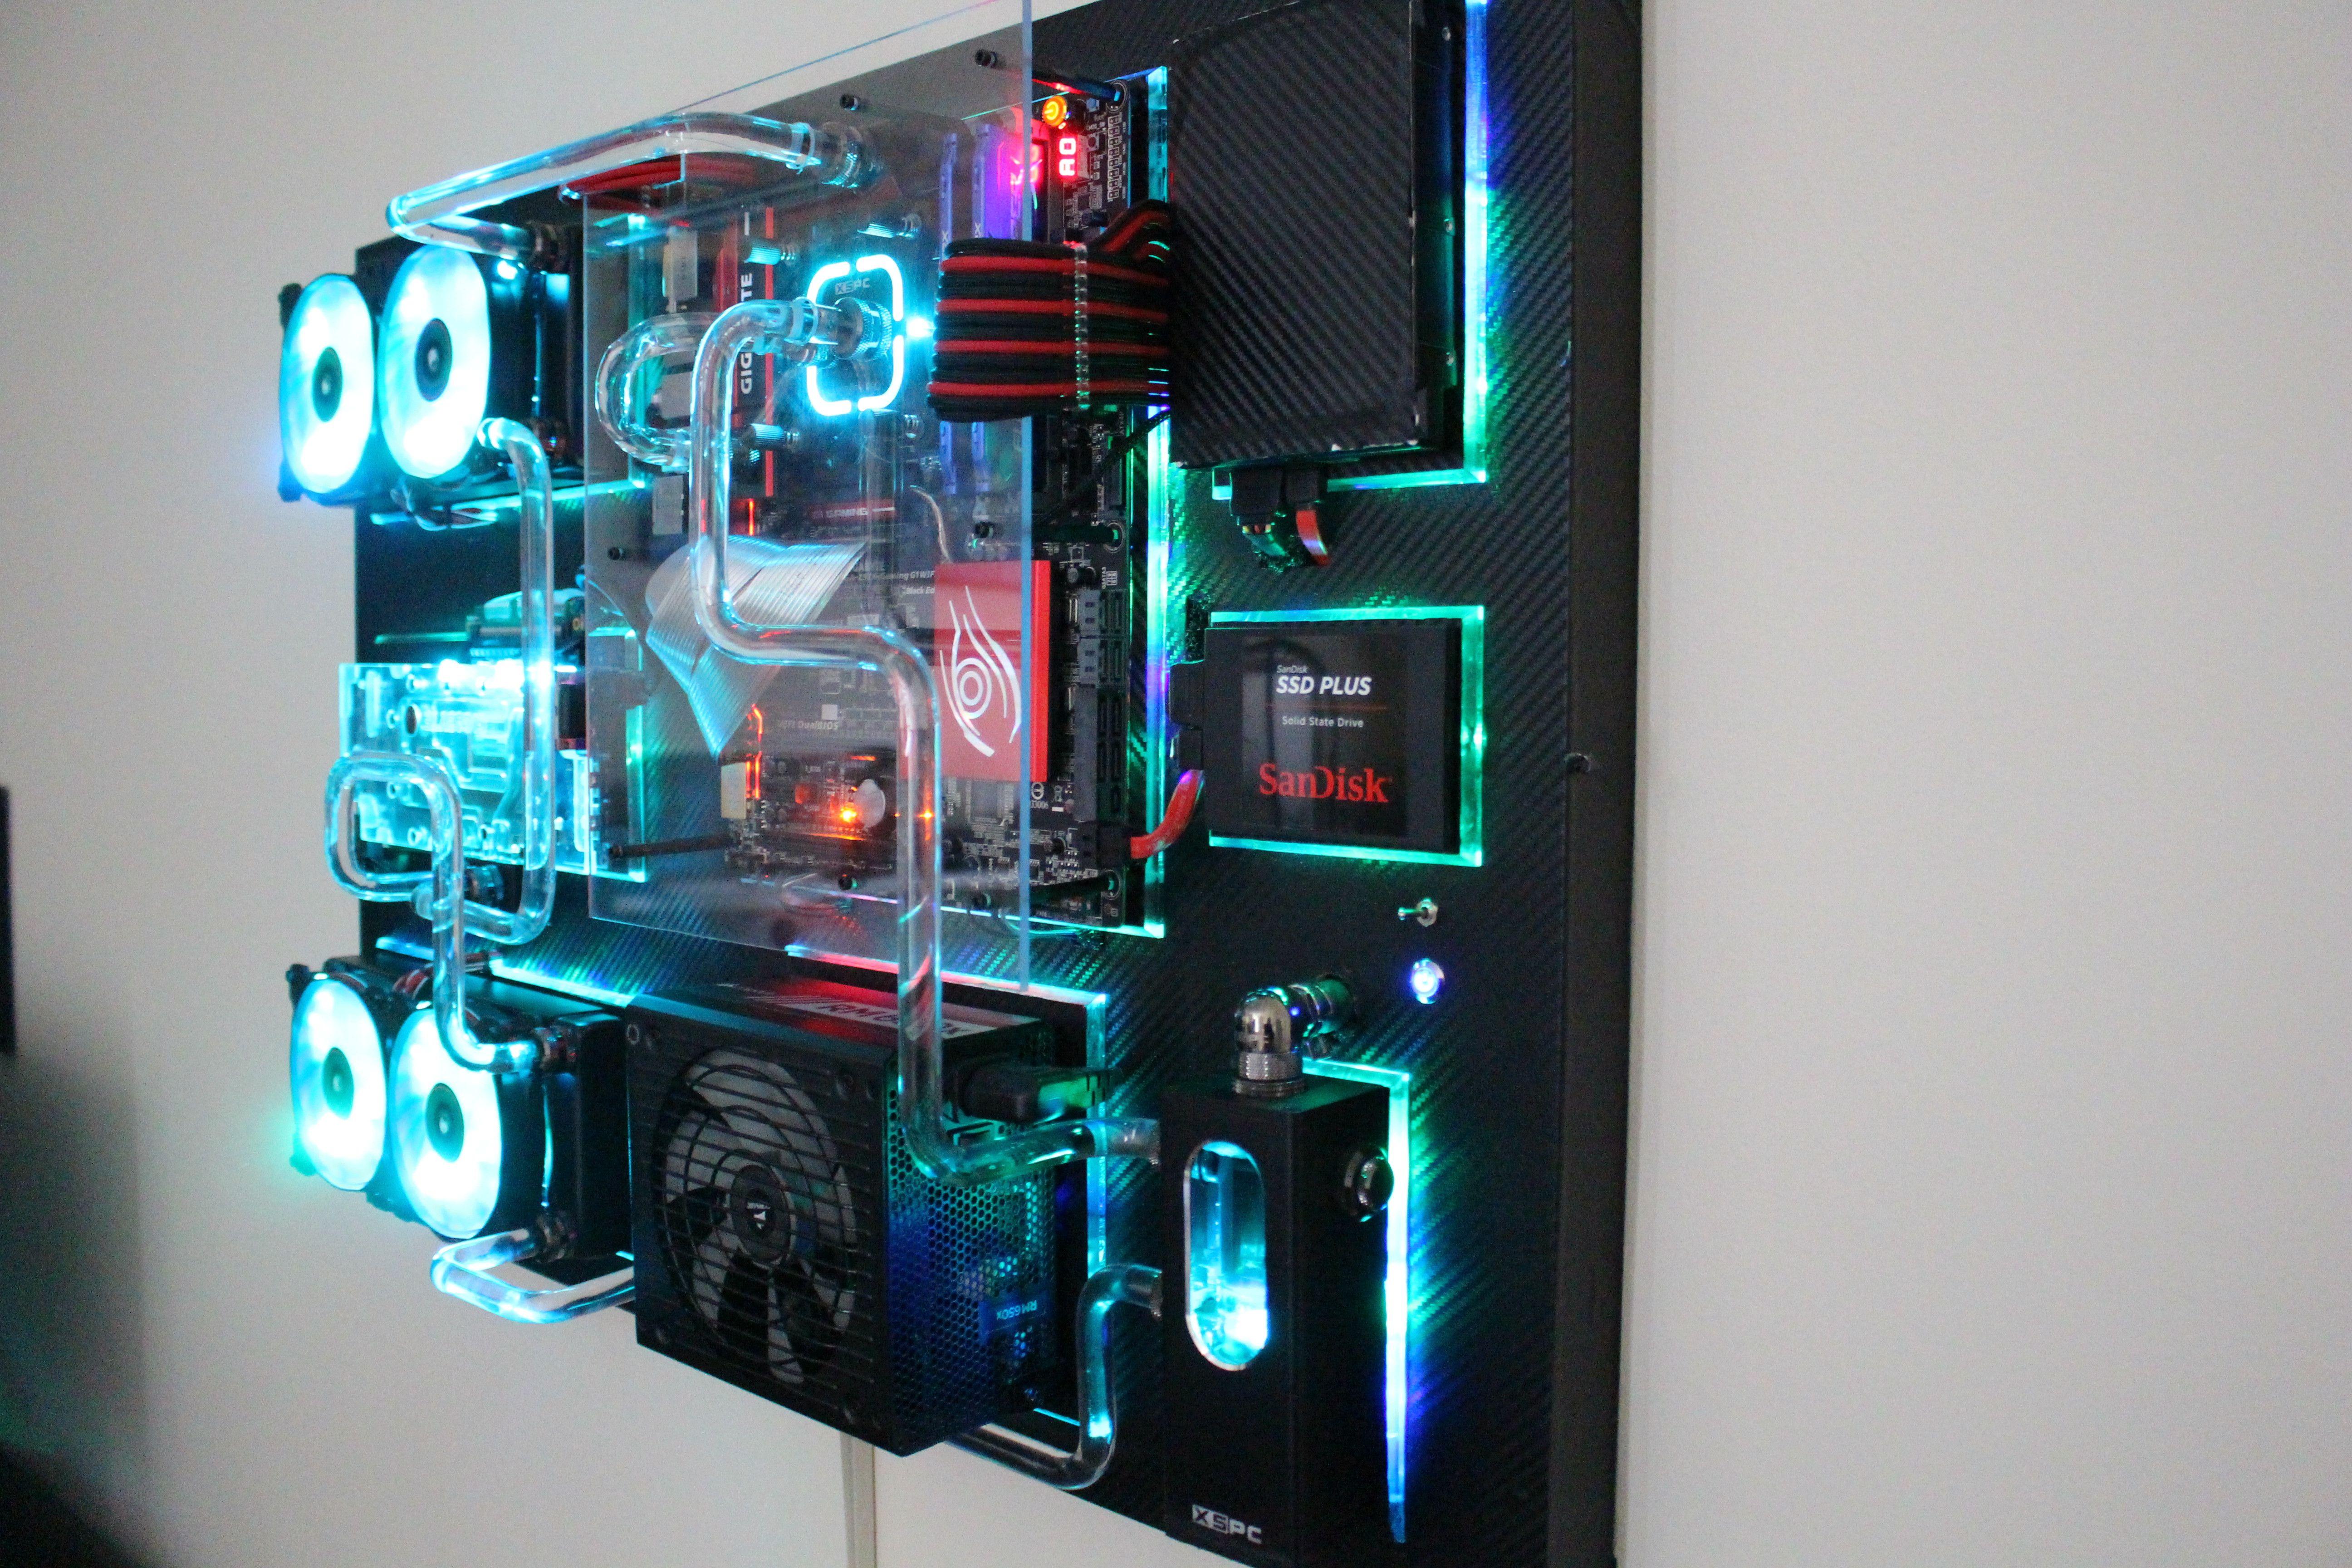 New Wall mounted PC | #Casemod | Pinterest | Wall mounted ...